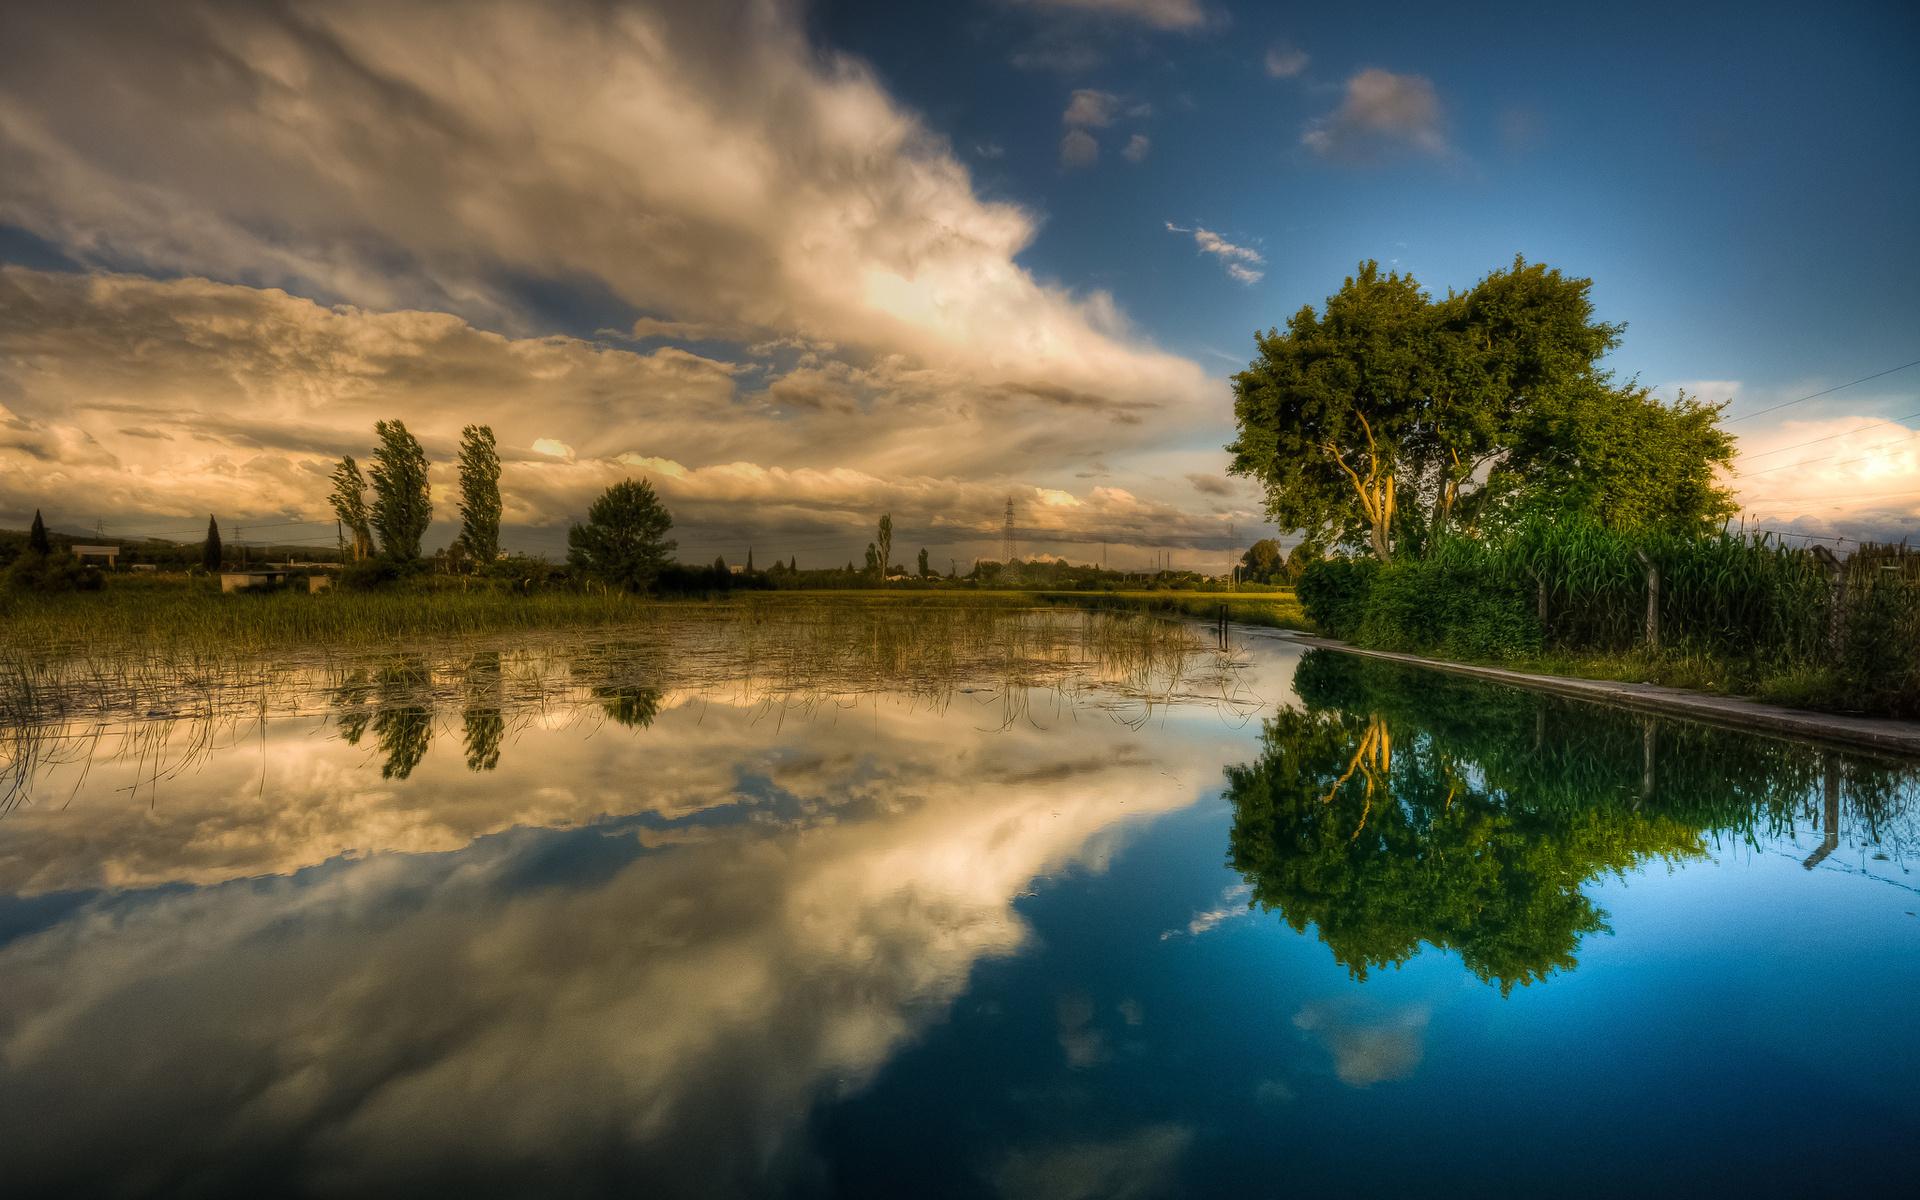 небо озеро деревья скачать